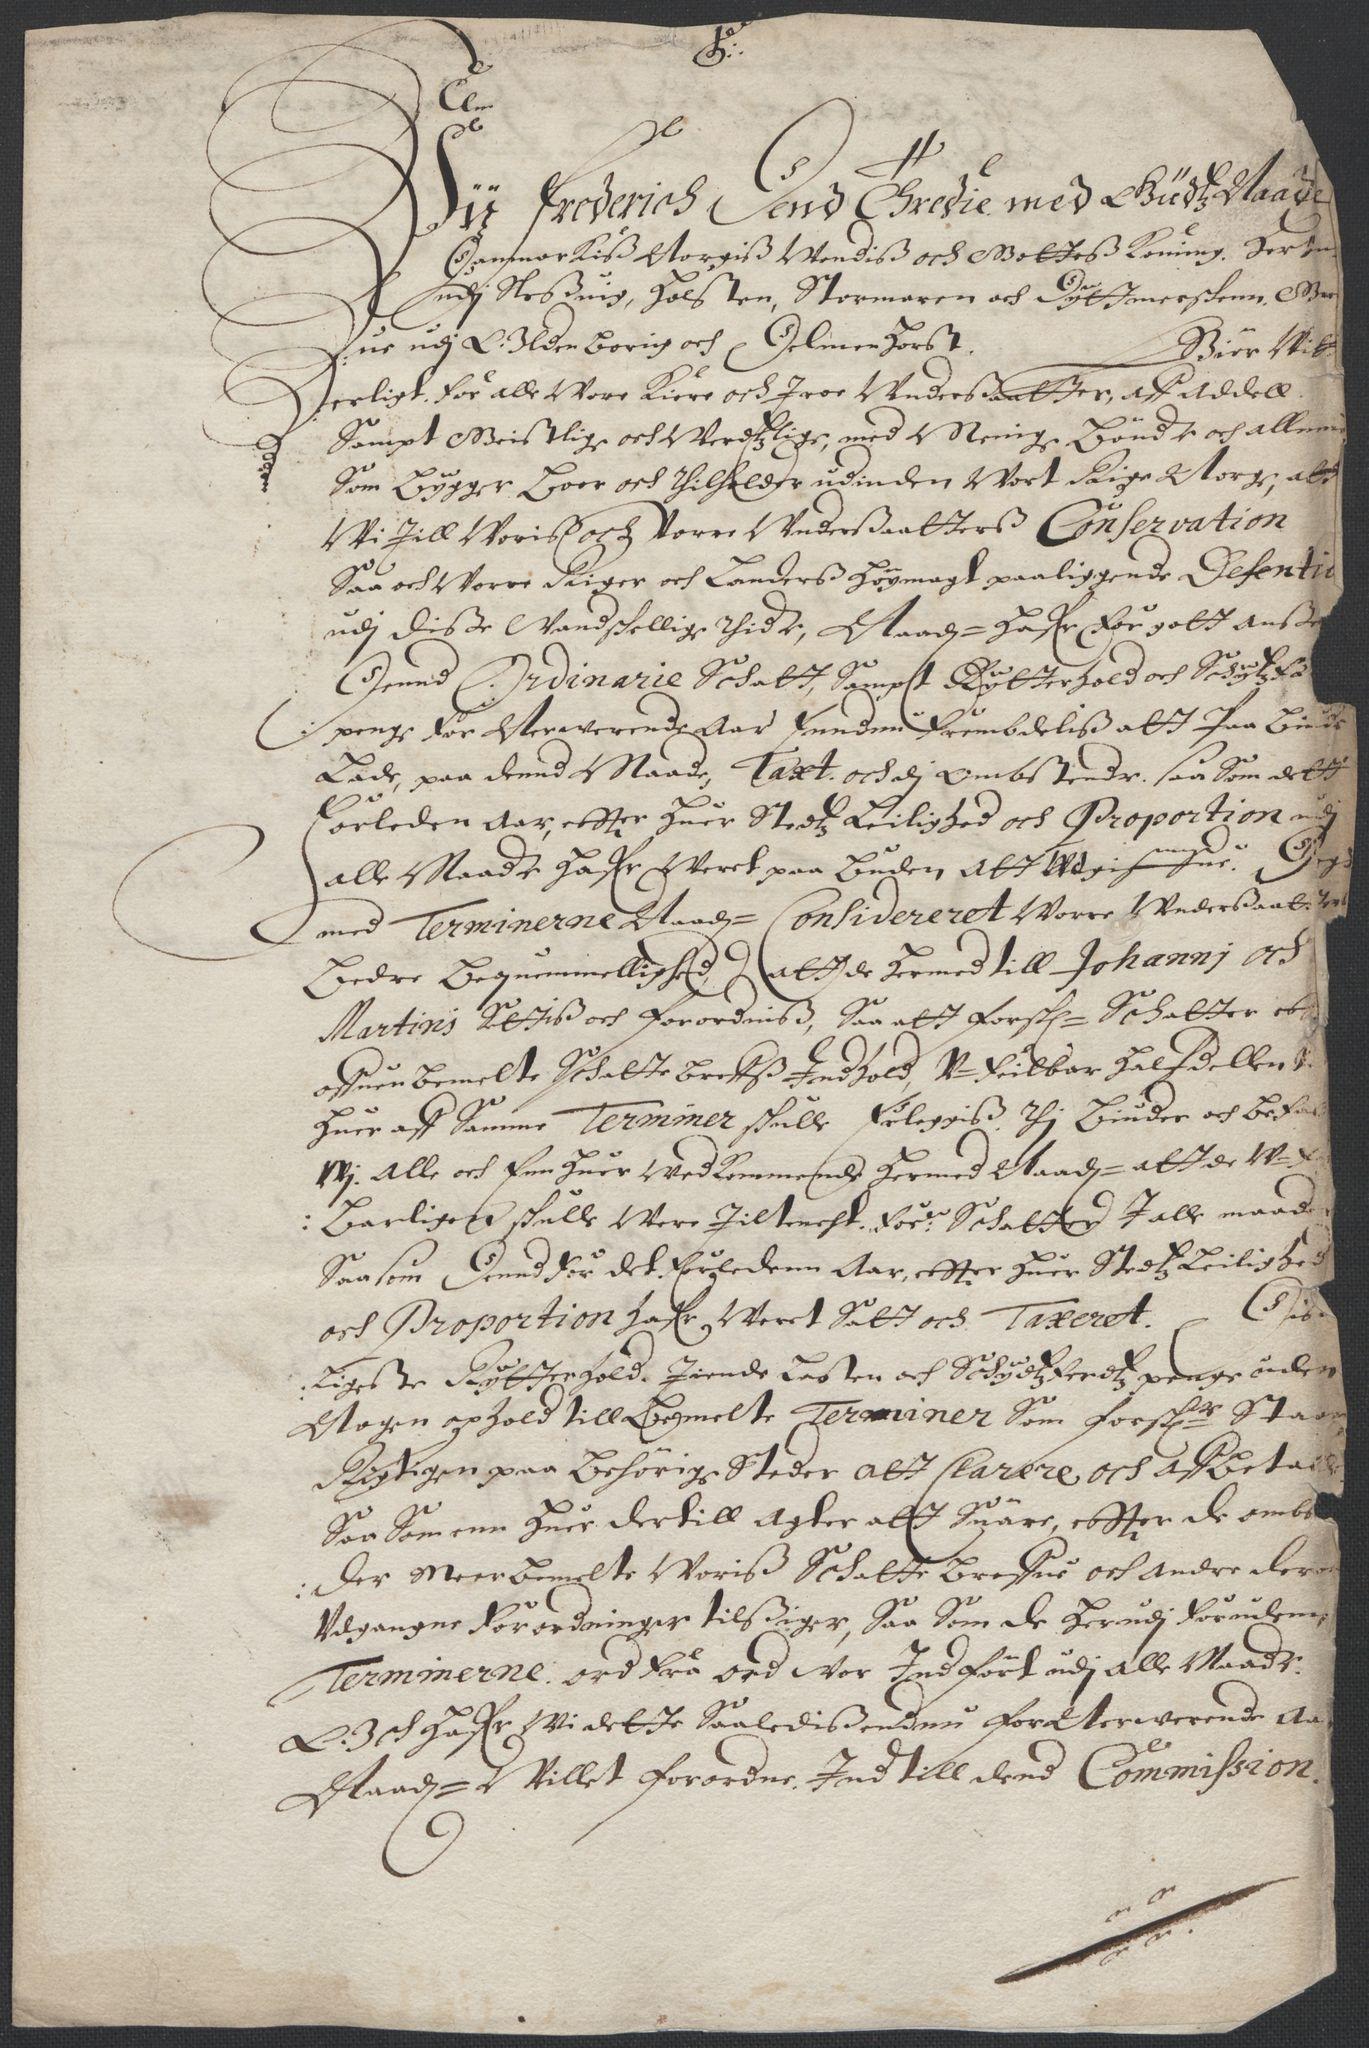 RA, Rentekammeret inntil 1814, Reviderte regnskaper, Fogderegnskap, R35/L2056: Fogderegnskap Øvre og Nedre Telemark, 1665, s. 6